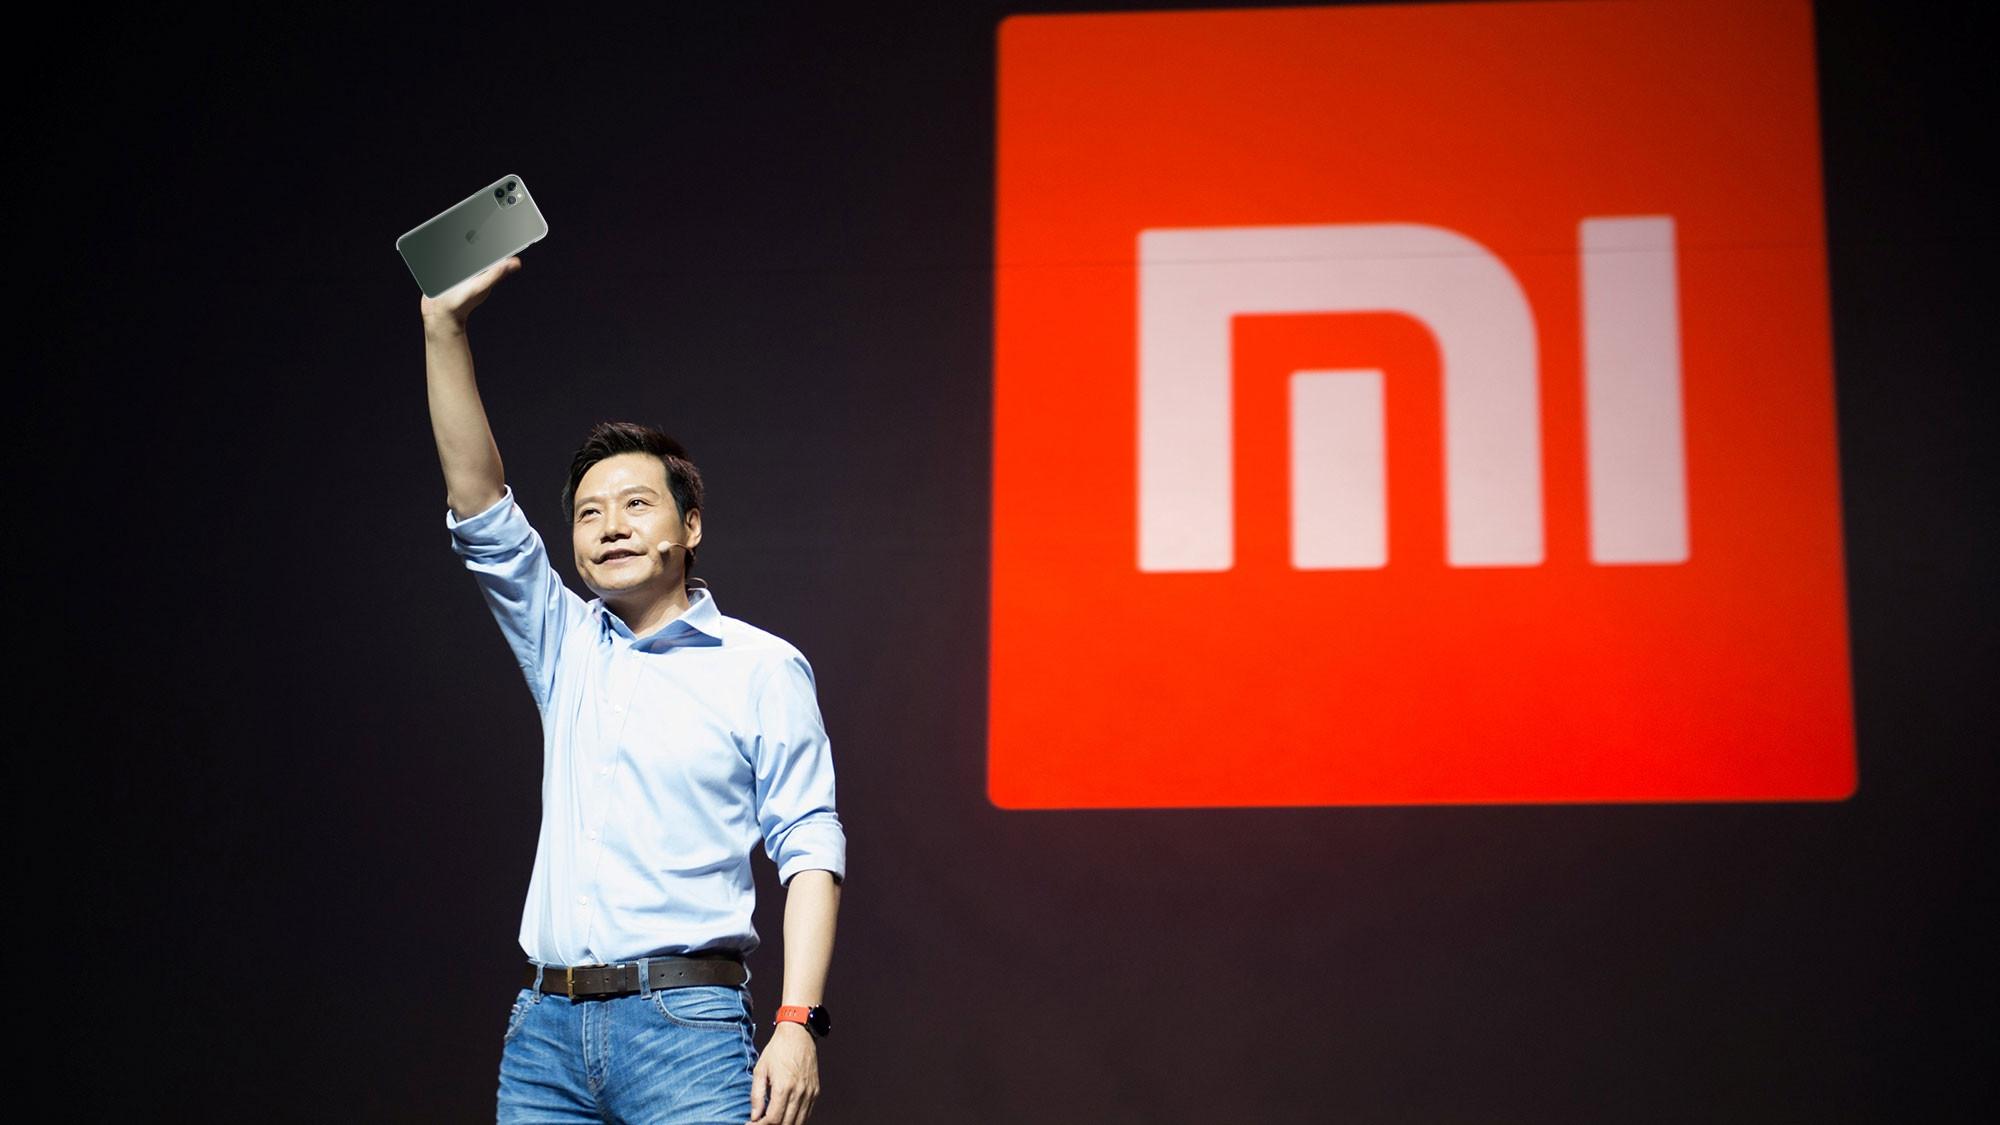 CEO Лэй Цзюнь хоть и любит смартфоны Xiaomi и Redmi, но всё равно пользуется iPhone